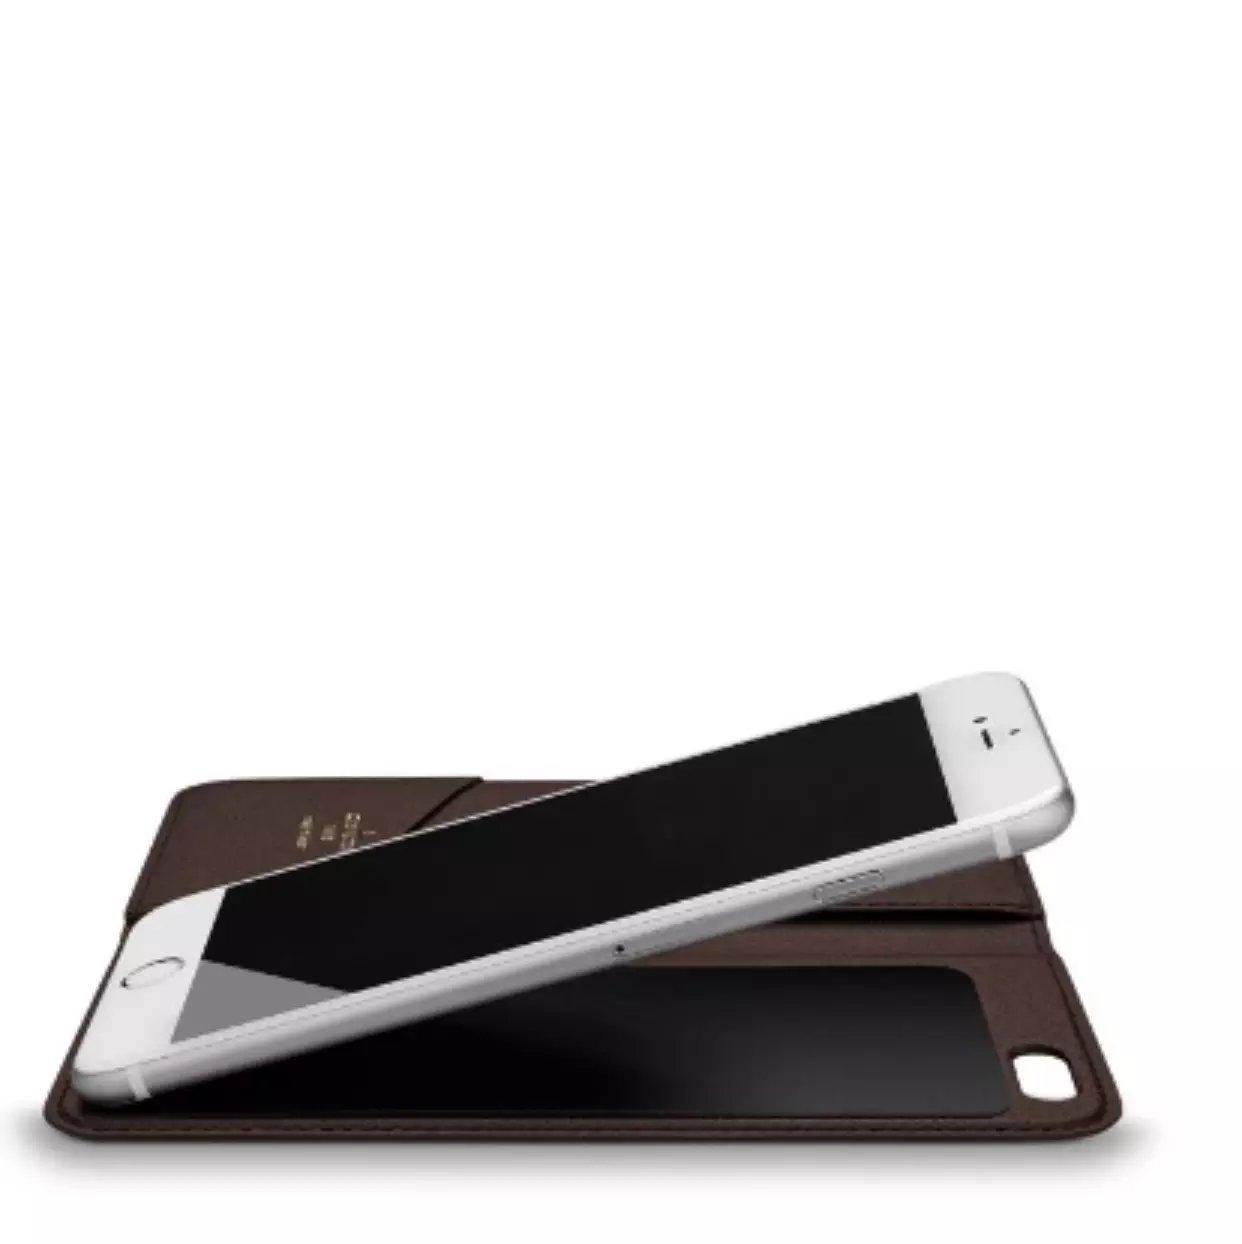 iphone case selbst gestalten günstig iphone hülle kaufen Louis Vuitton iphone 8 hüllen iphone 8 schutzhülle iphone 8 cover eigene hülle gestalten flip cover 8lbst gestalten cover handy handykappen mit foto